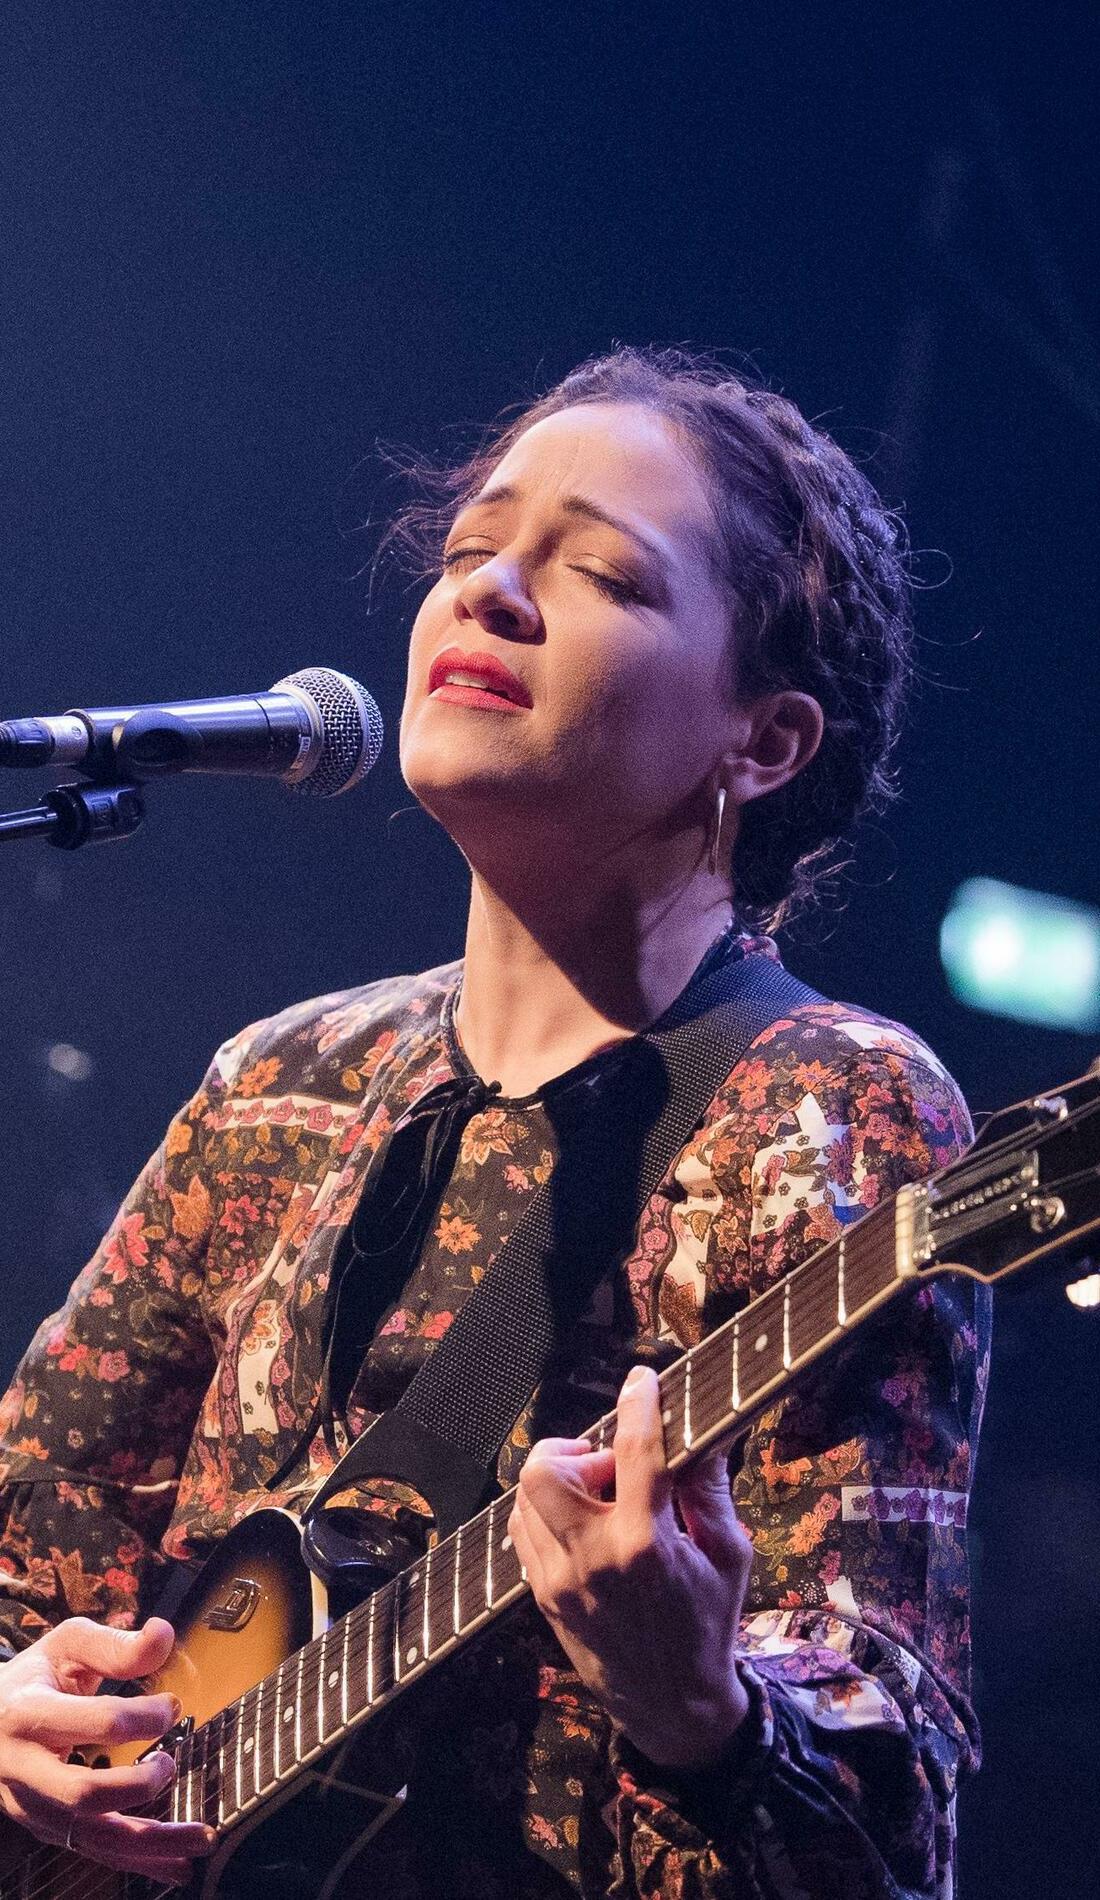 A Natalia LaFourcade live event